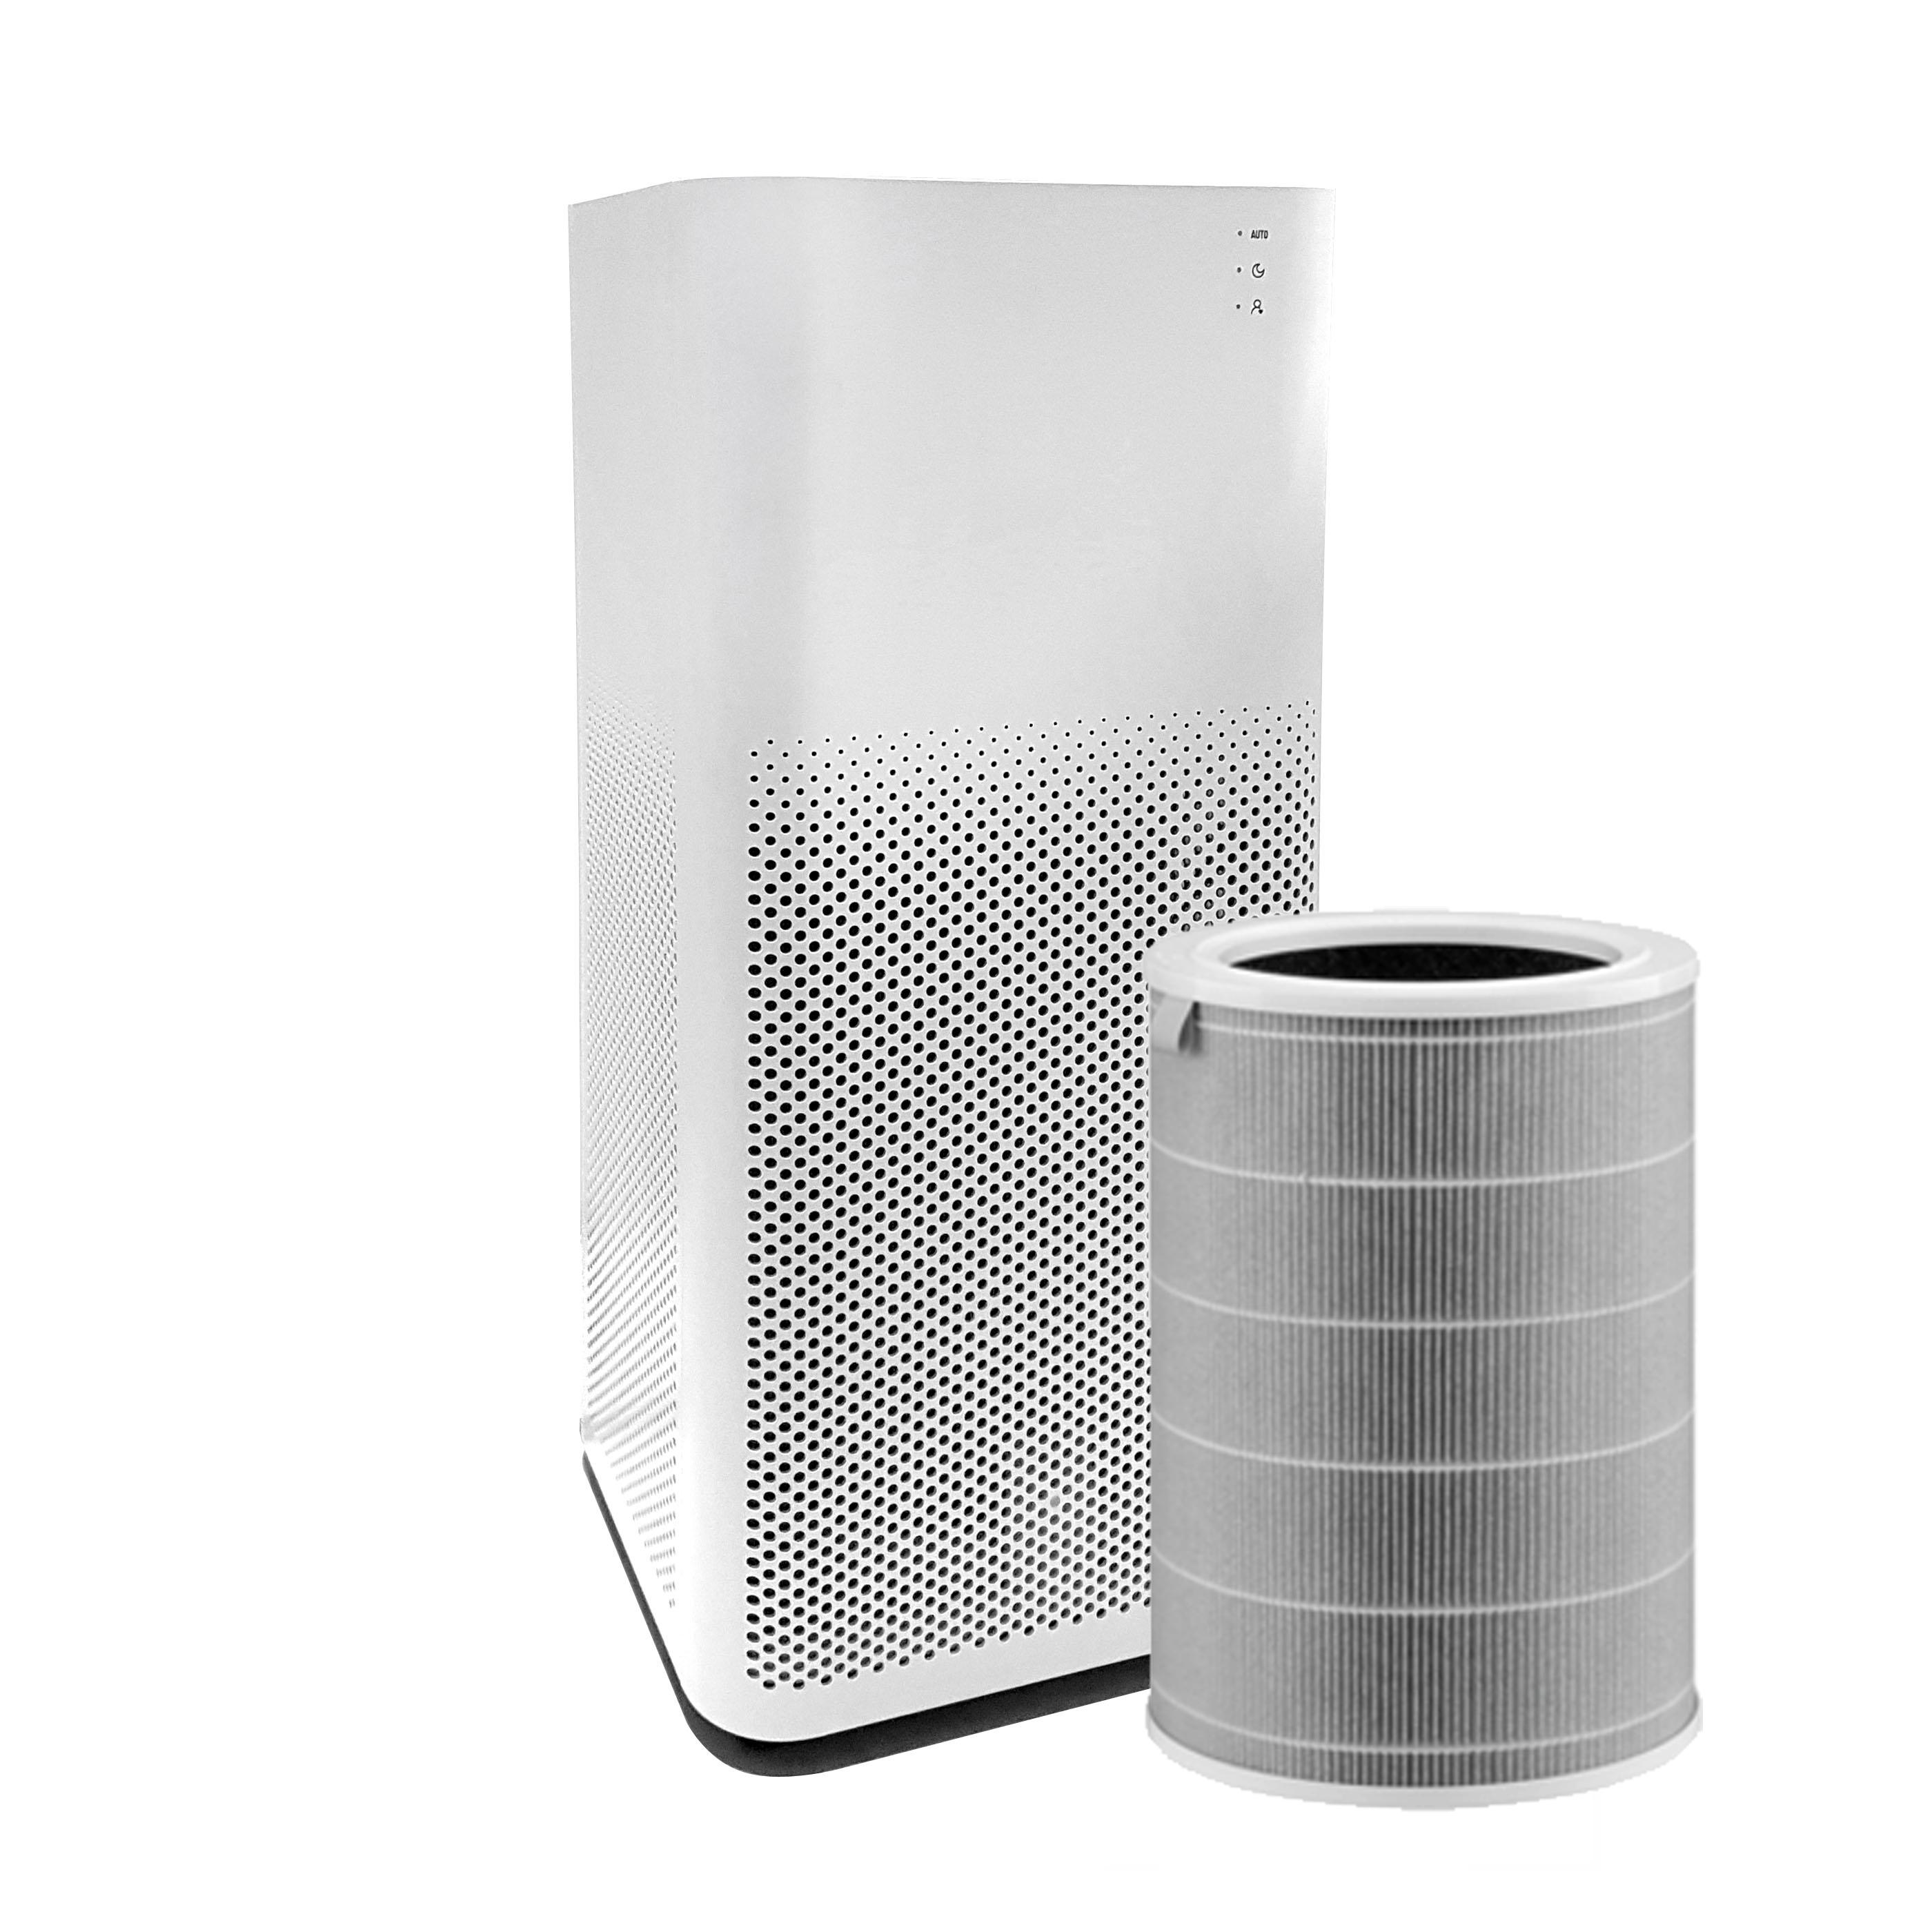 جهاز تنقية الهواء الذكي من شركة شاومي Mi Air Purifier 2H